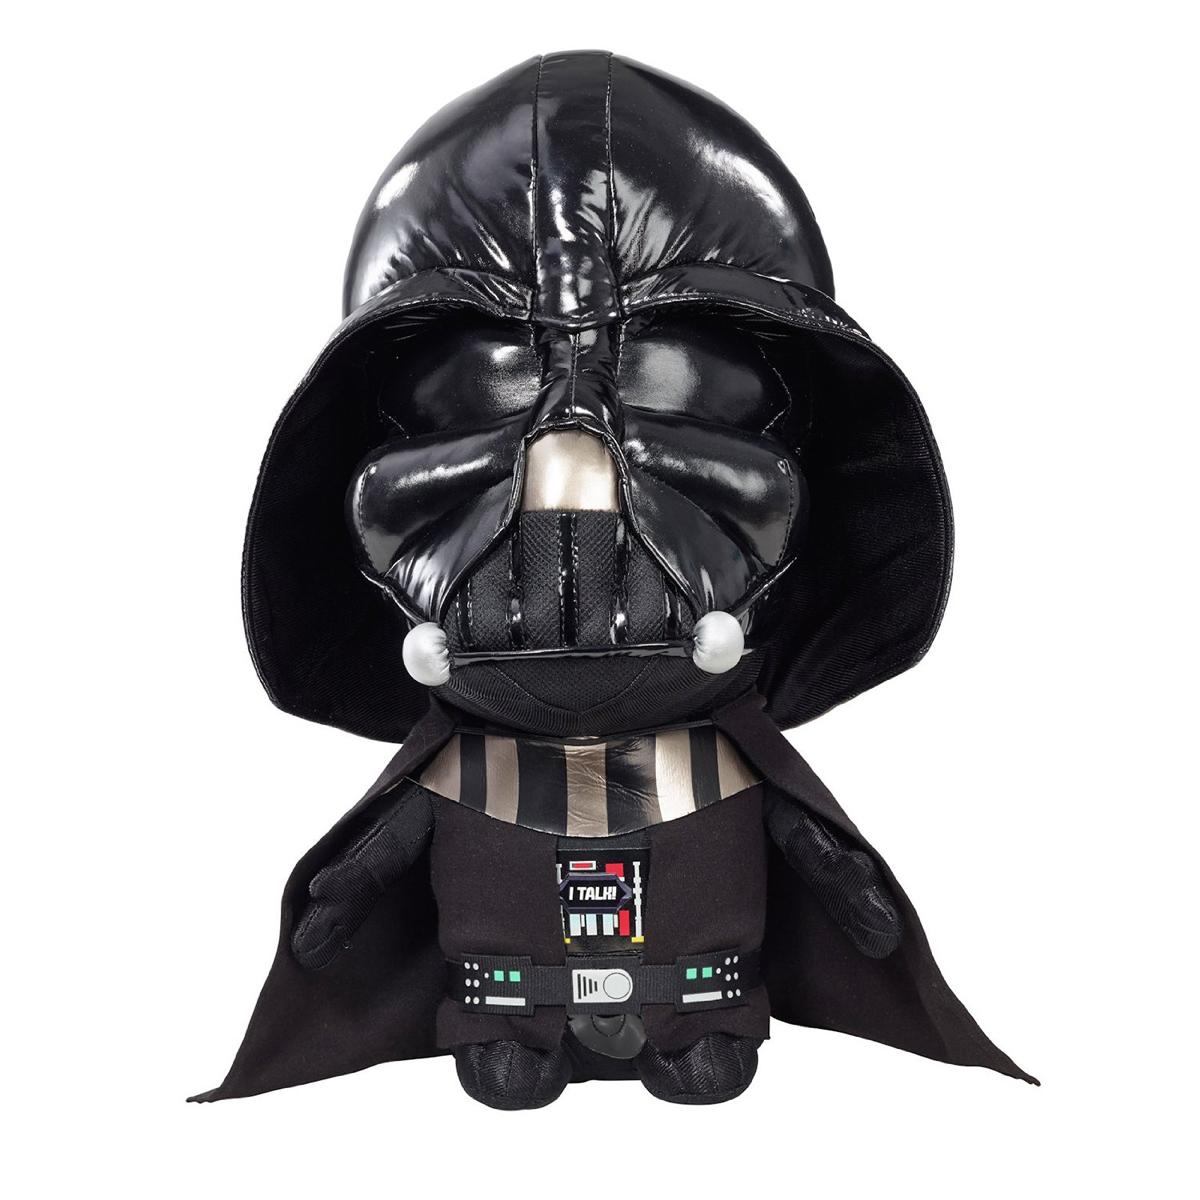 Озвученная мягкая игрушка серии StarWars - Дарт ВейдерИгрушки Star Wars (Звездные воины)<br>Озвученная мягкая игрушка серии StarWars - Дарт Вейдер<br>